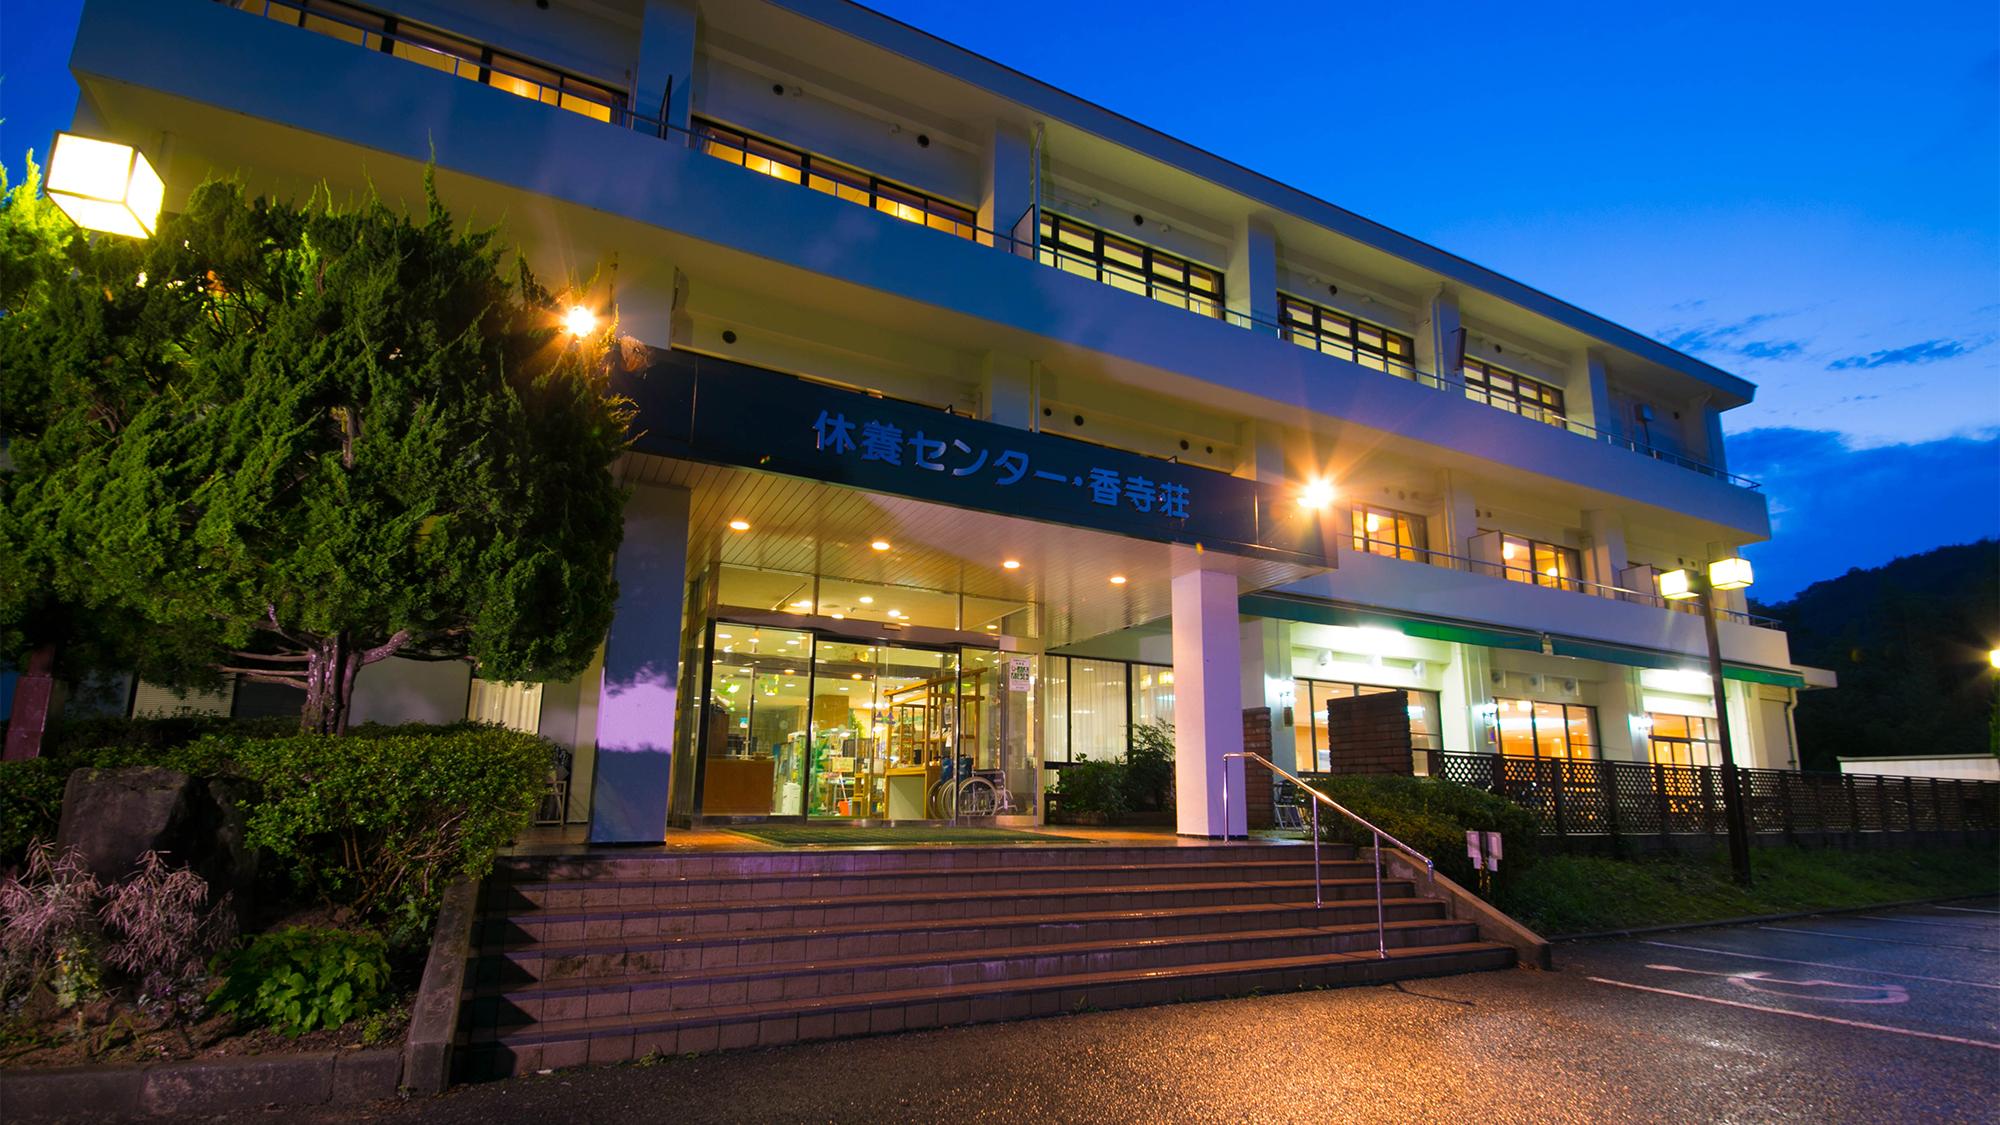 姫路市休養センター こうでら温泉竹取の湯 香寺荘 image